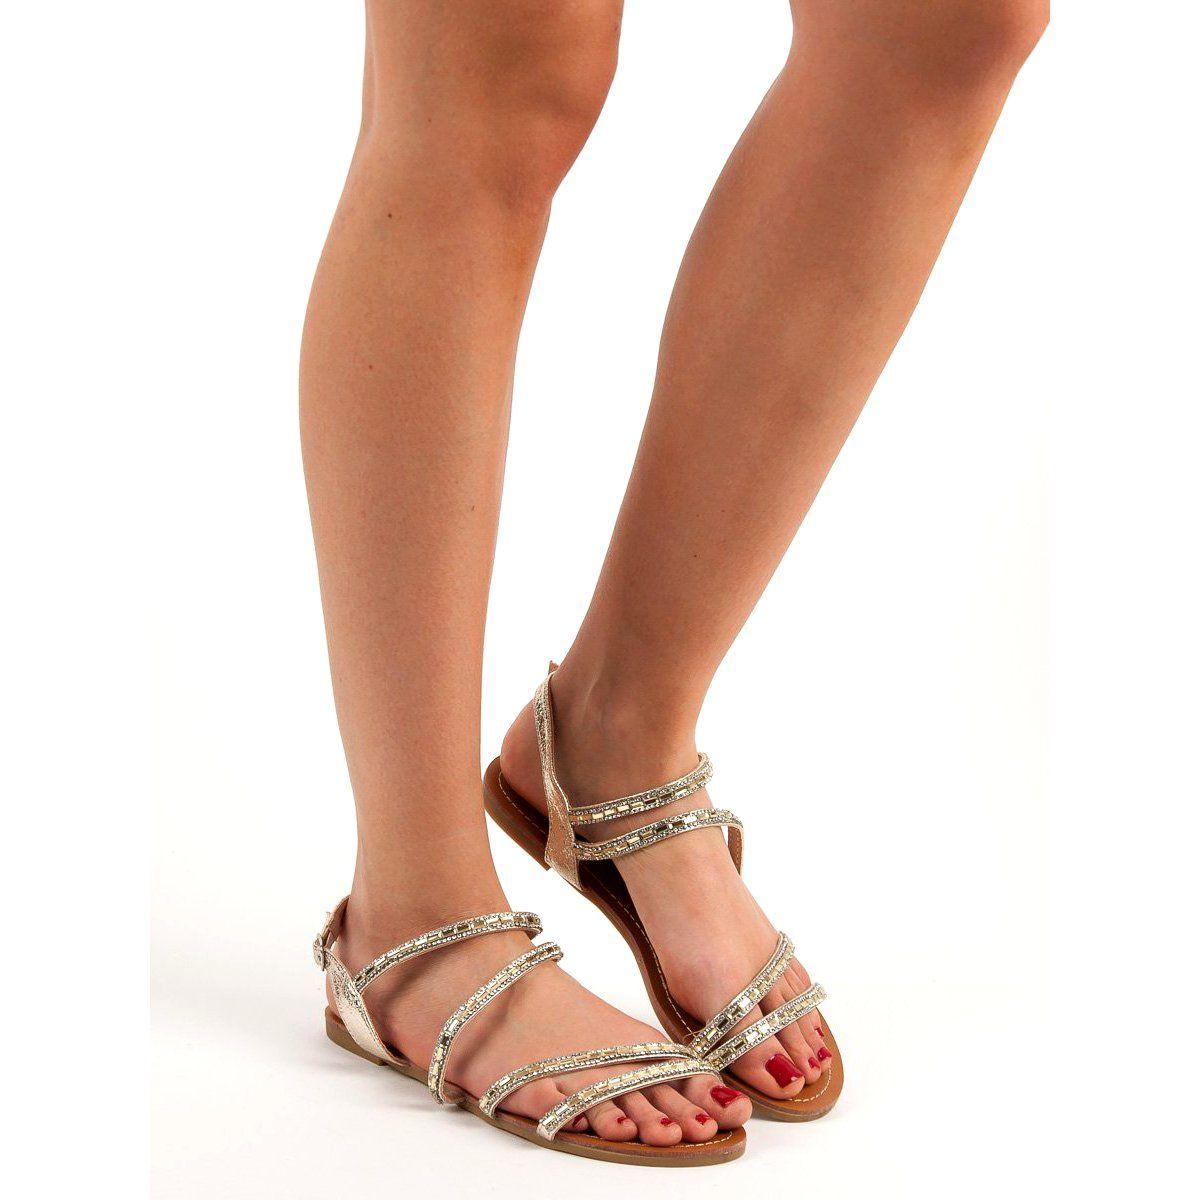 L Lux Shoes Plaskie Sandalki Z Cyrkoniami Zolte Shoes Fashion Mary Janes